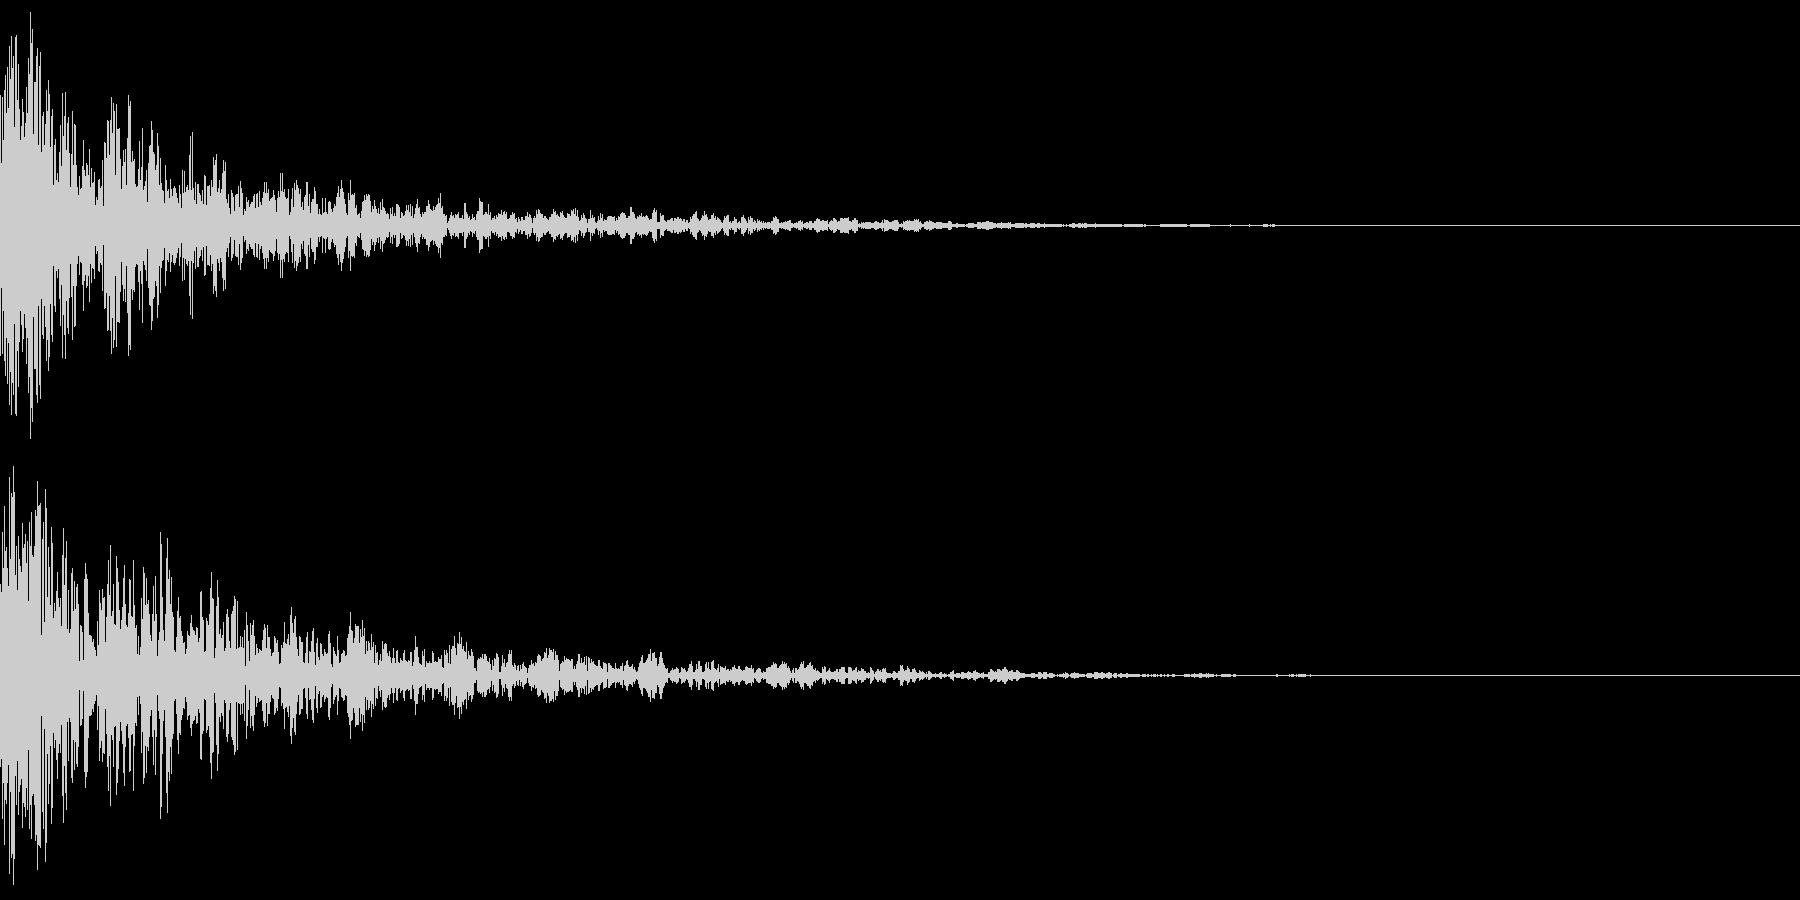 ドーン-53-2(インパクト音)の未再生の波形